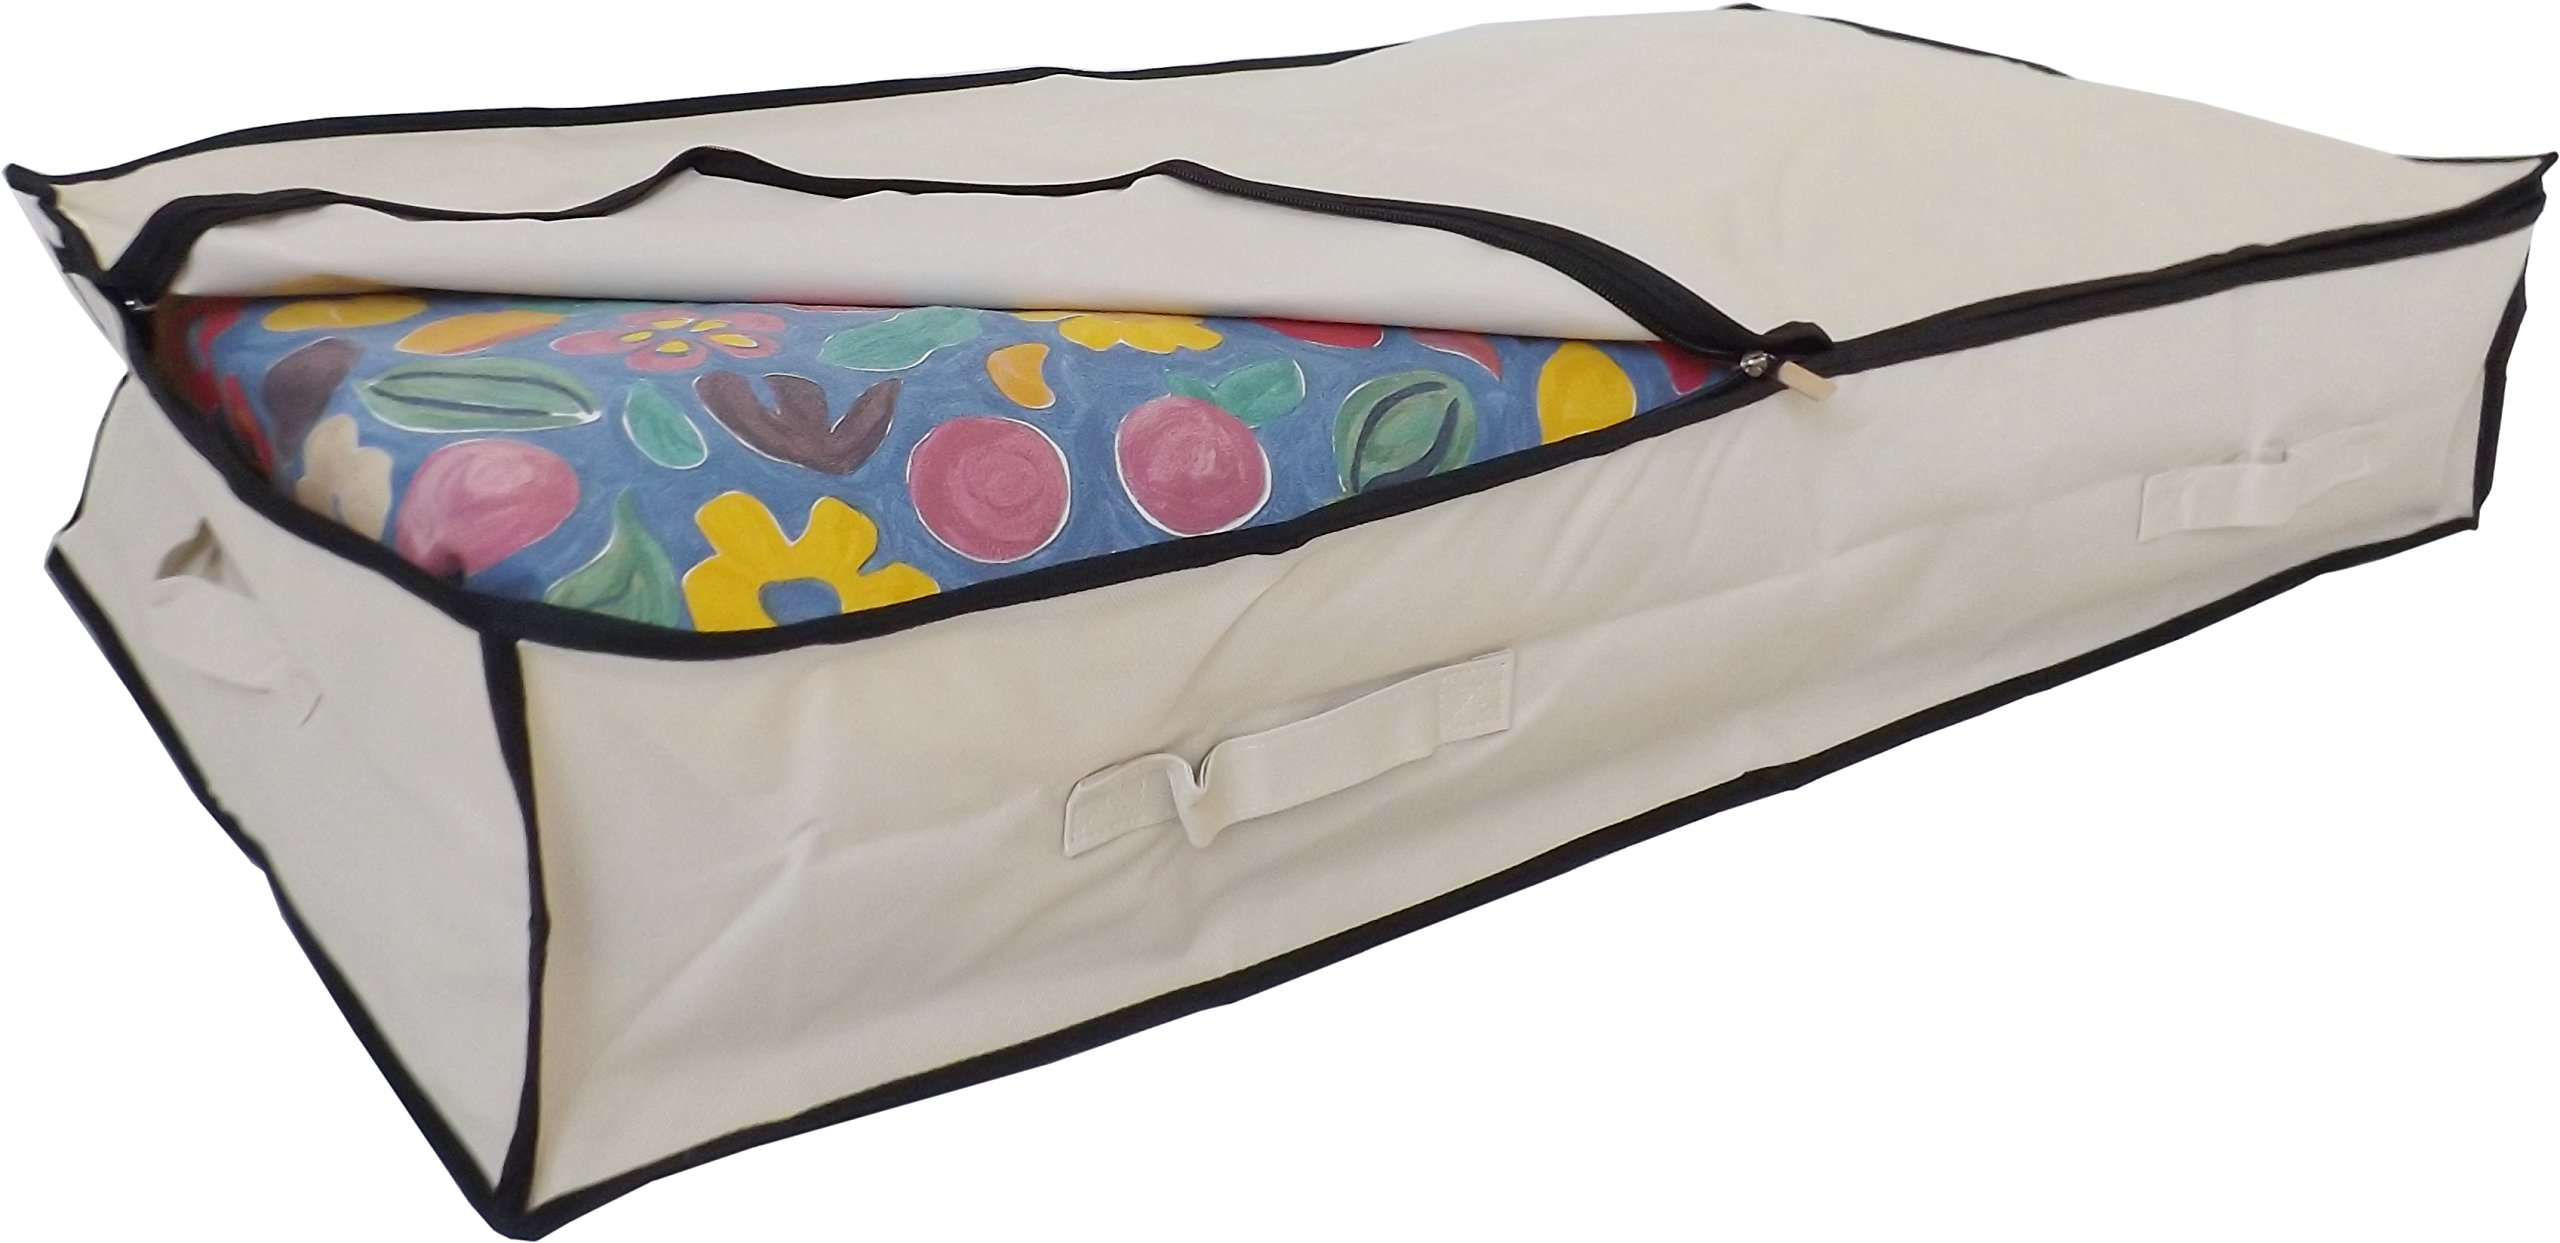 Stupidly Useful - Bolsa de almacenamiento para debajo de la cama hecha en poliéster